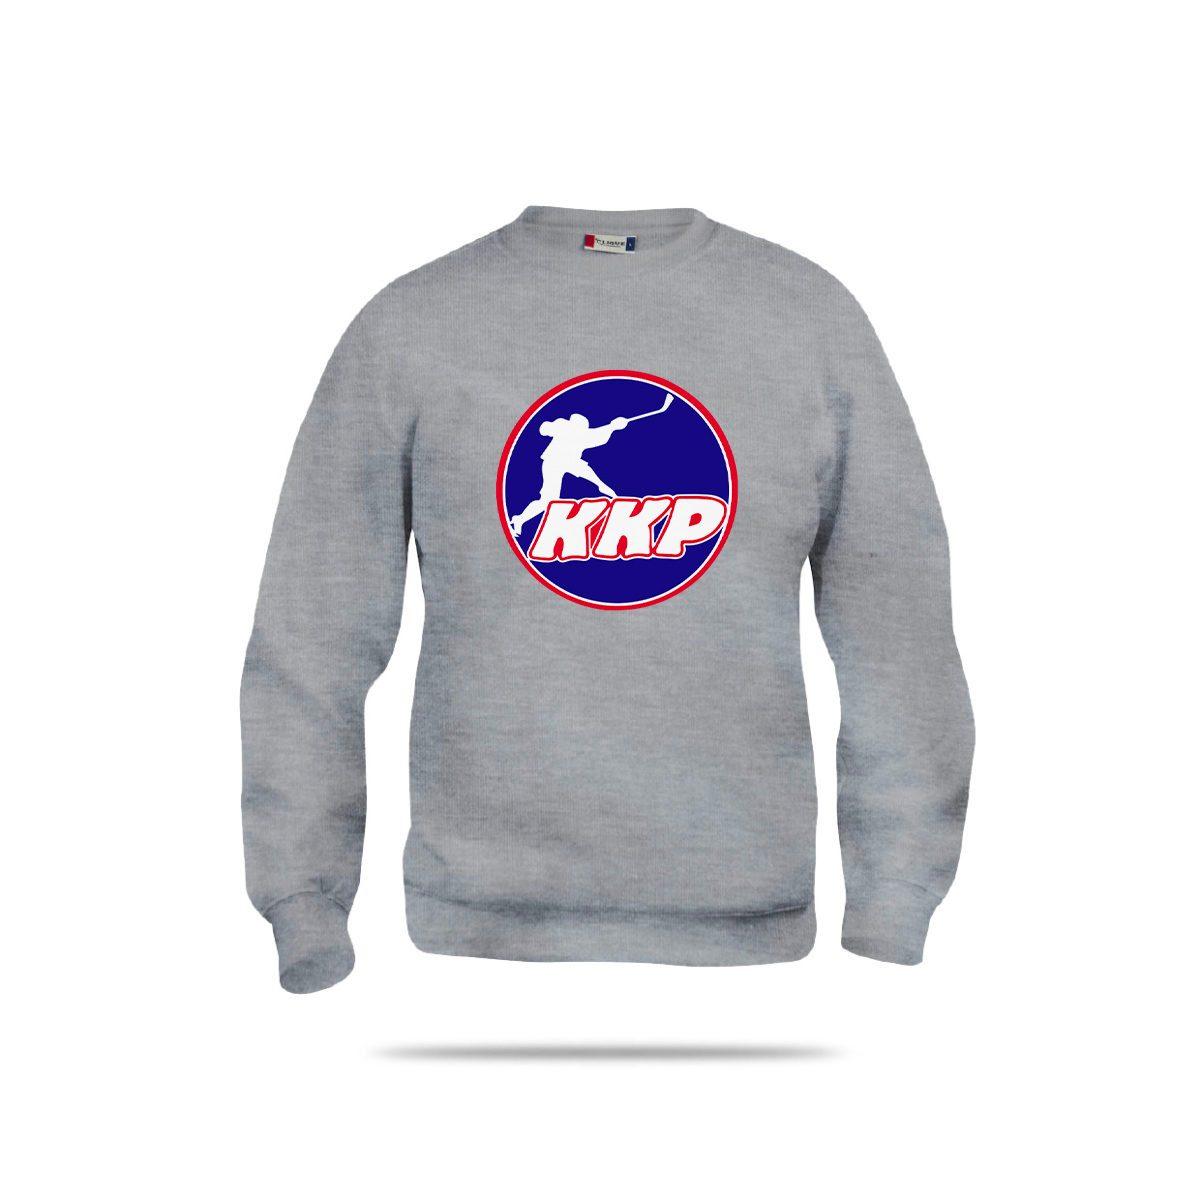 KKP-3023-harmaa